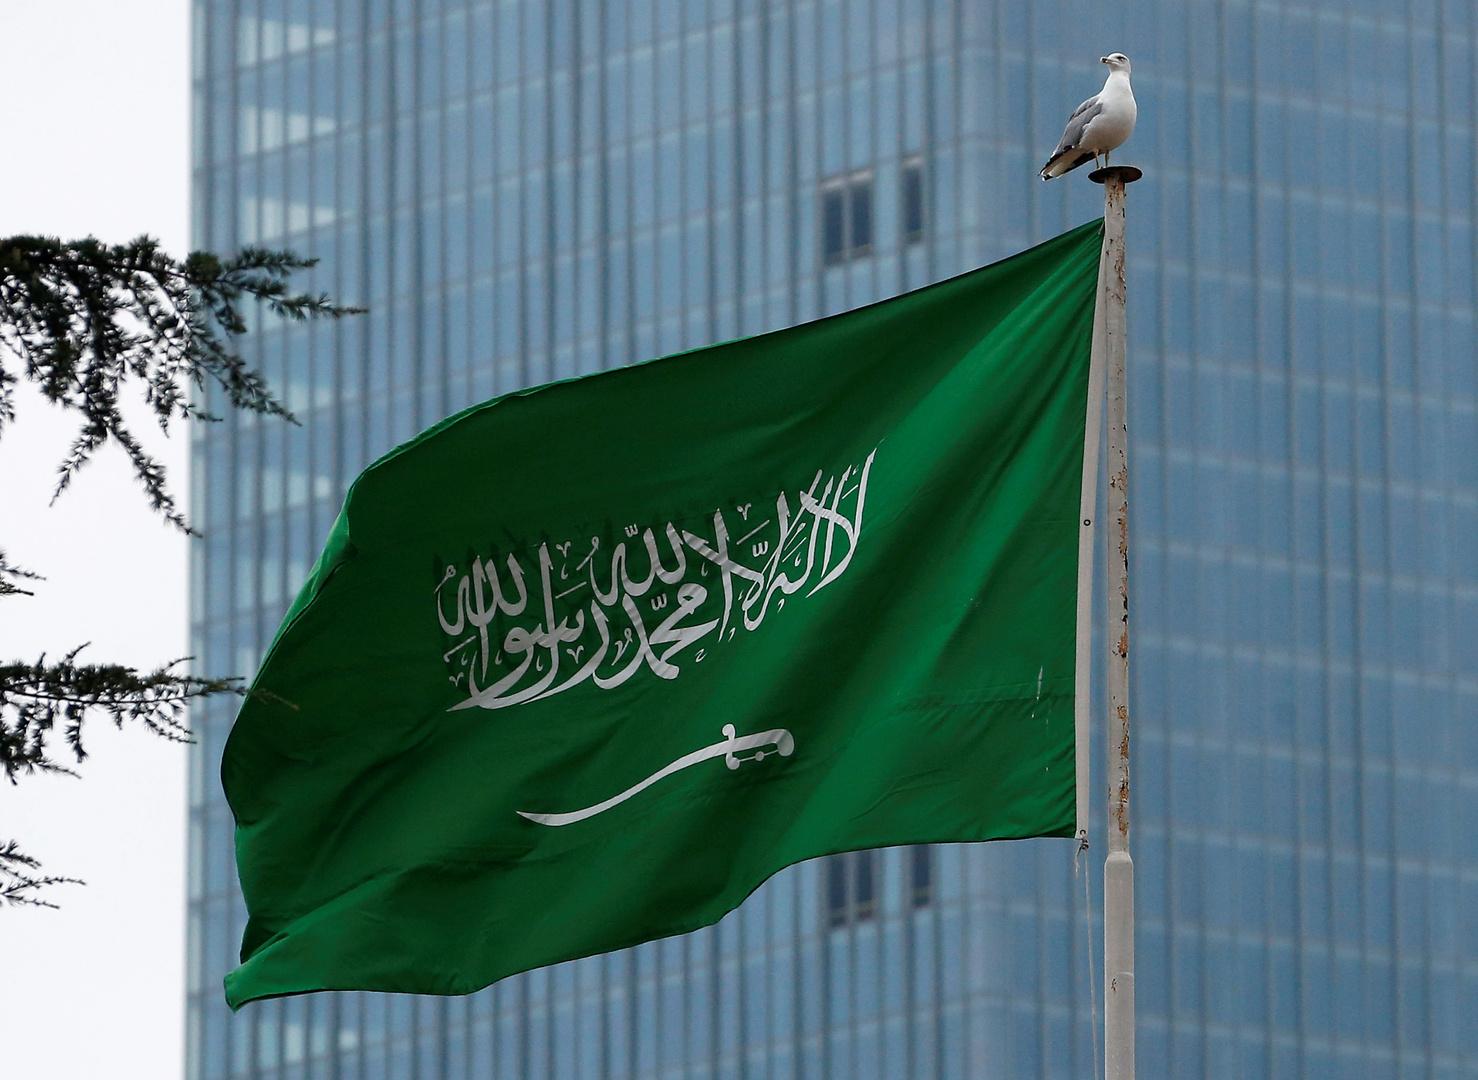 وزير سعودي يكشف تفاصيل مشروع كلفته 50 مليار دولار يربط الخليج بالبحر الأحمر